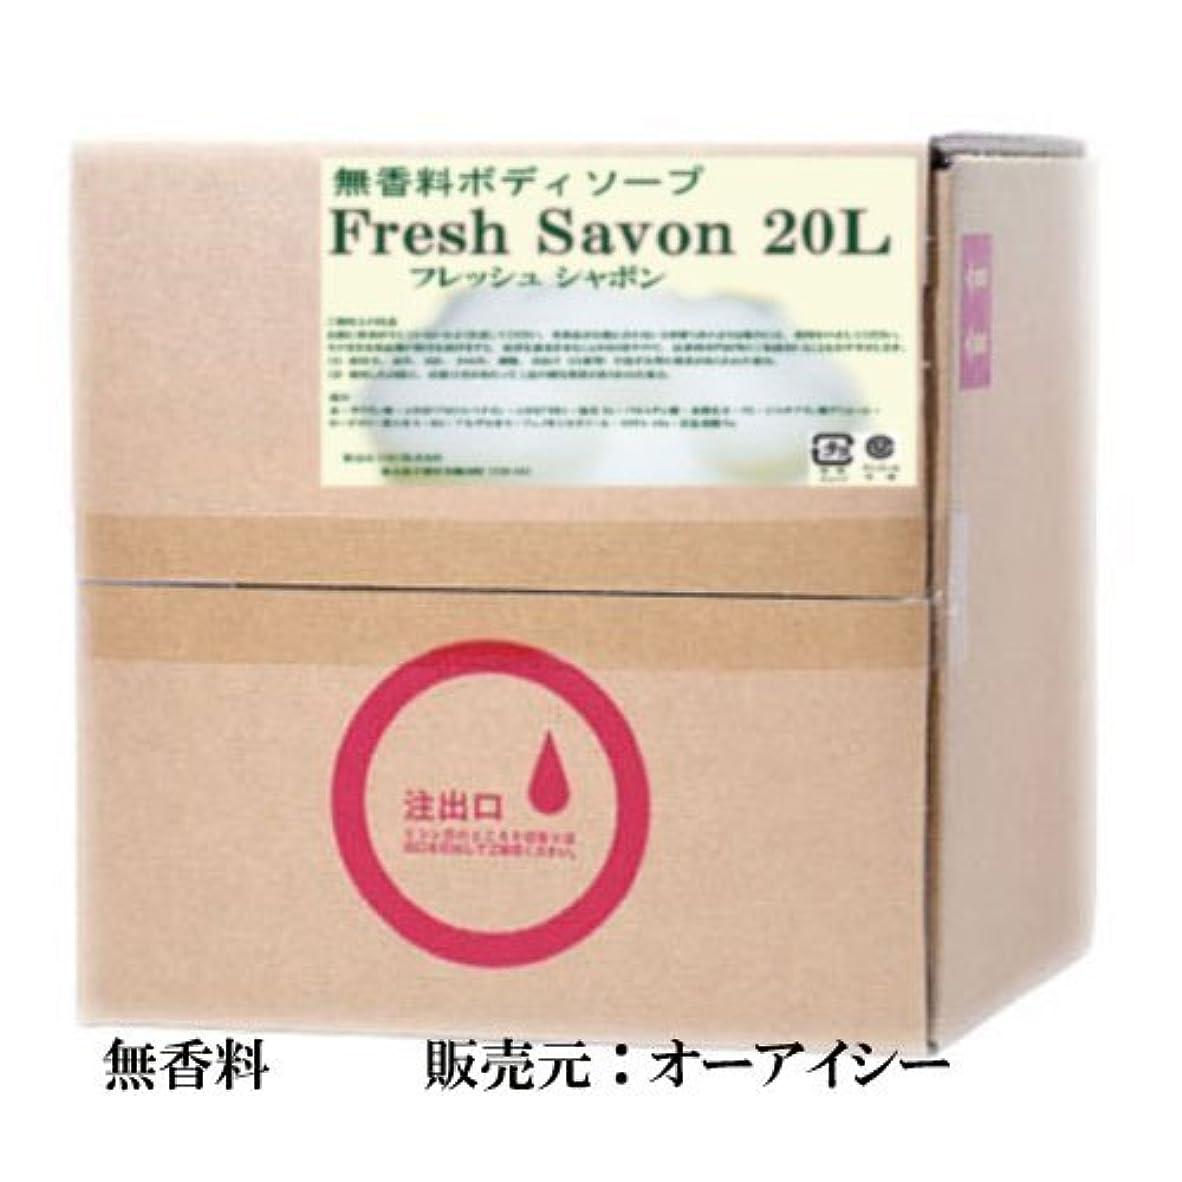 大腿筋肉のうがい業務用 無香料 ボディソープ フレッシュシャボン 20L (販売元:オーアイシー) (ホワイト)